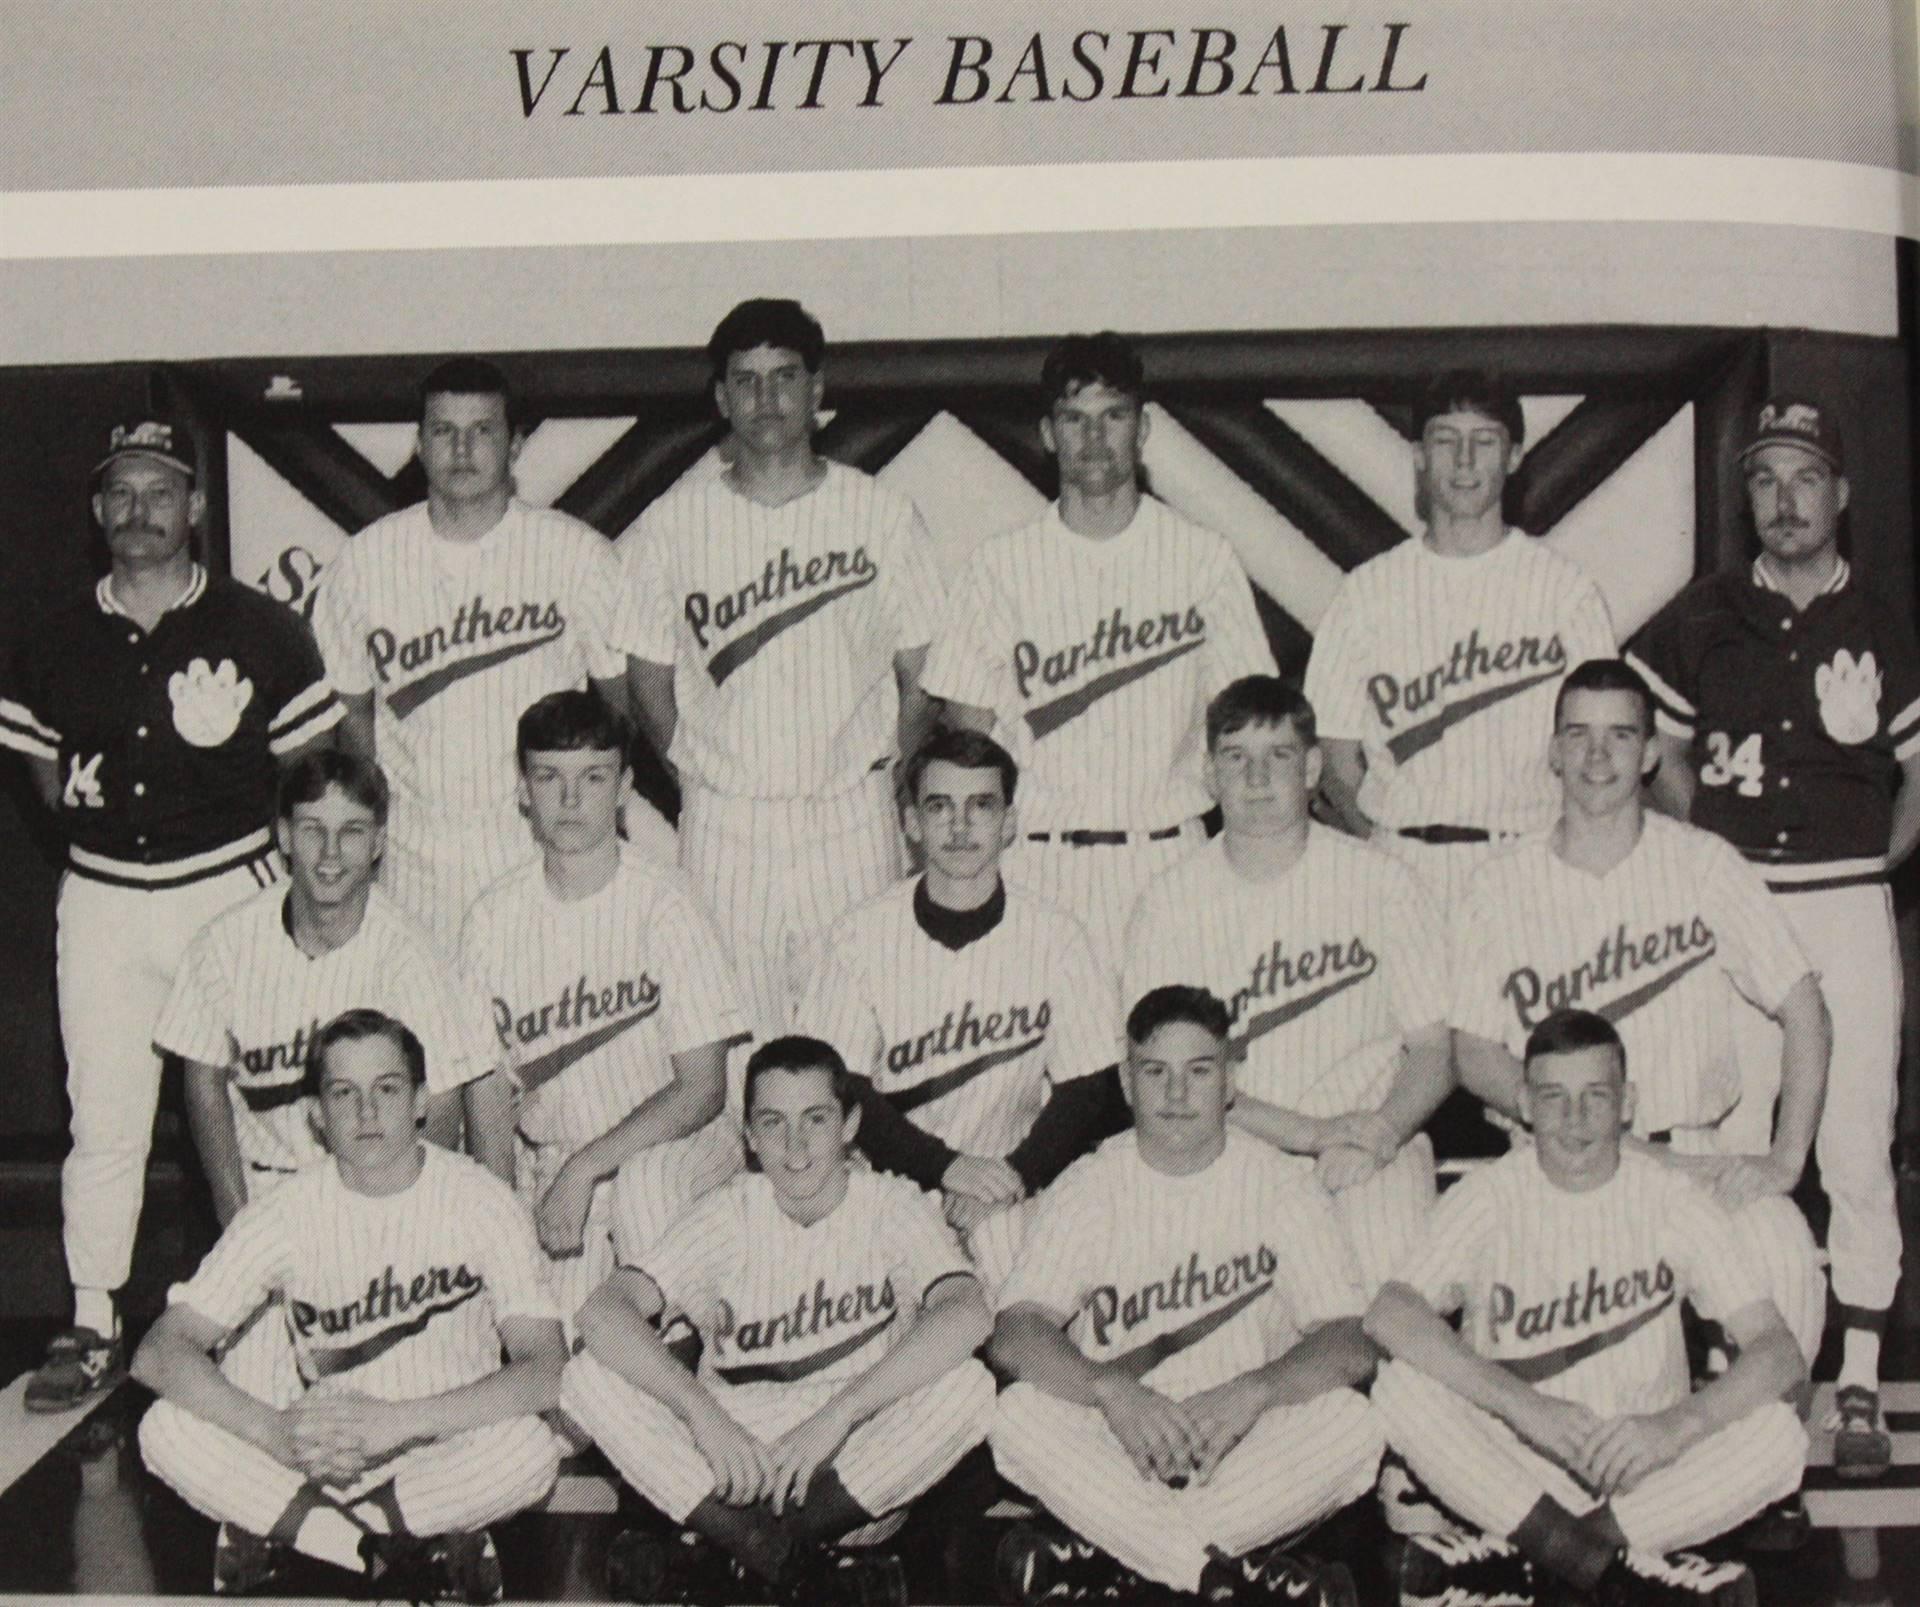 1995 Varsity Basketball